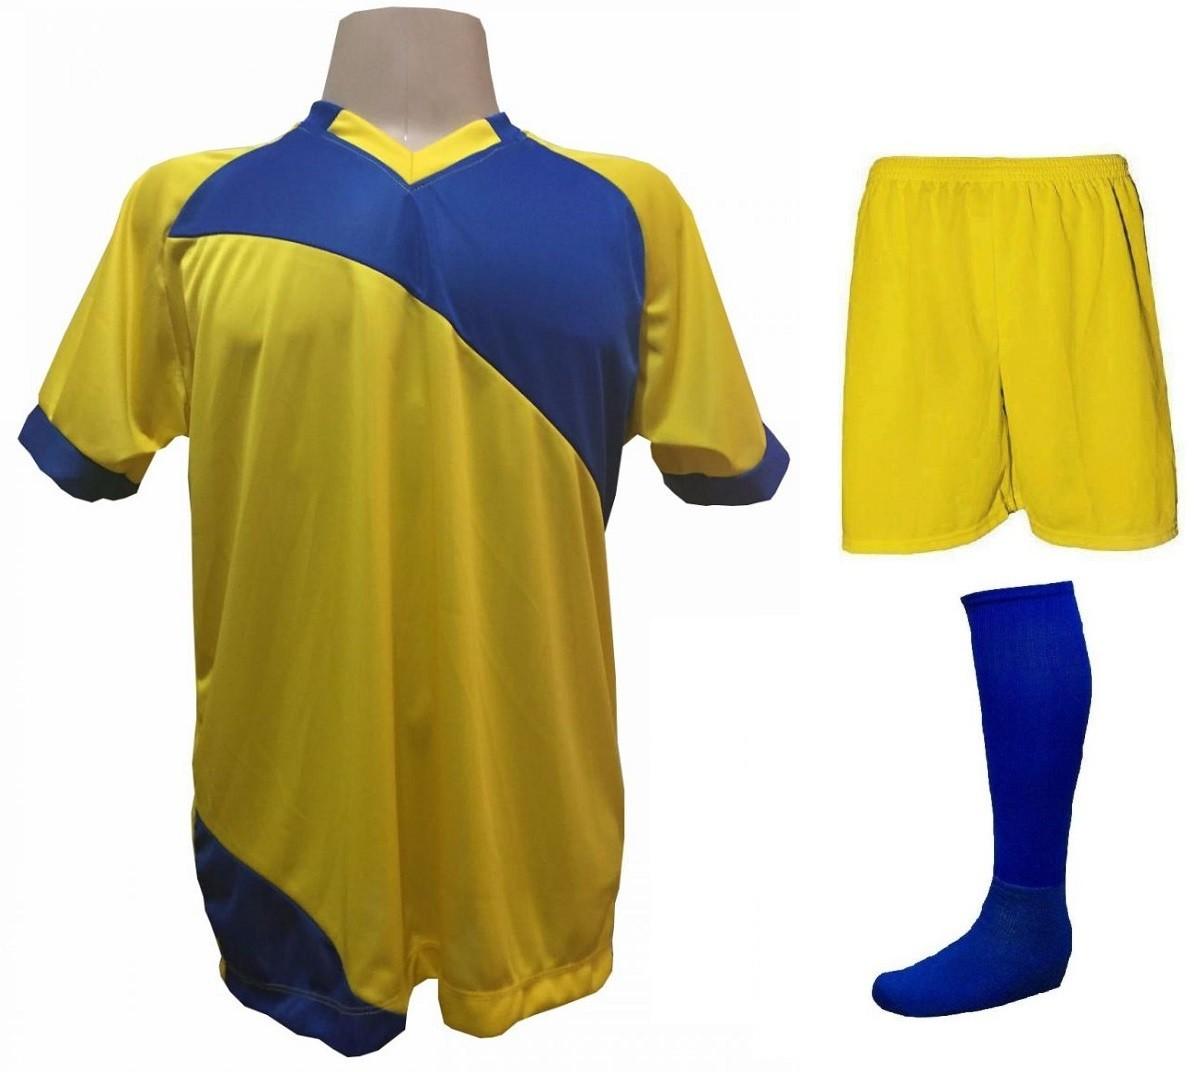 Fardamento Completo modelo Bélgica 20+2 (20 camisas Amarelo/Royal + 20 calções modelo Madrid Amarelo + 20 pares de meiões Royal + 2 conjuntos de goleiro) + Brindes